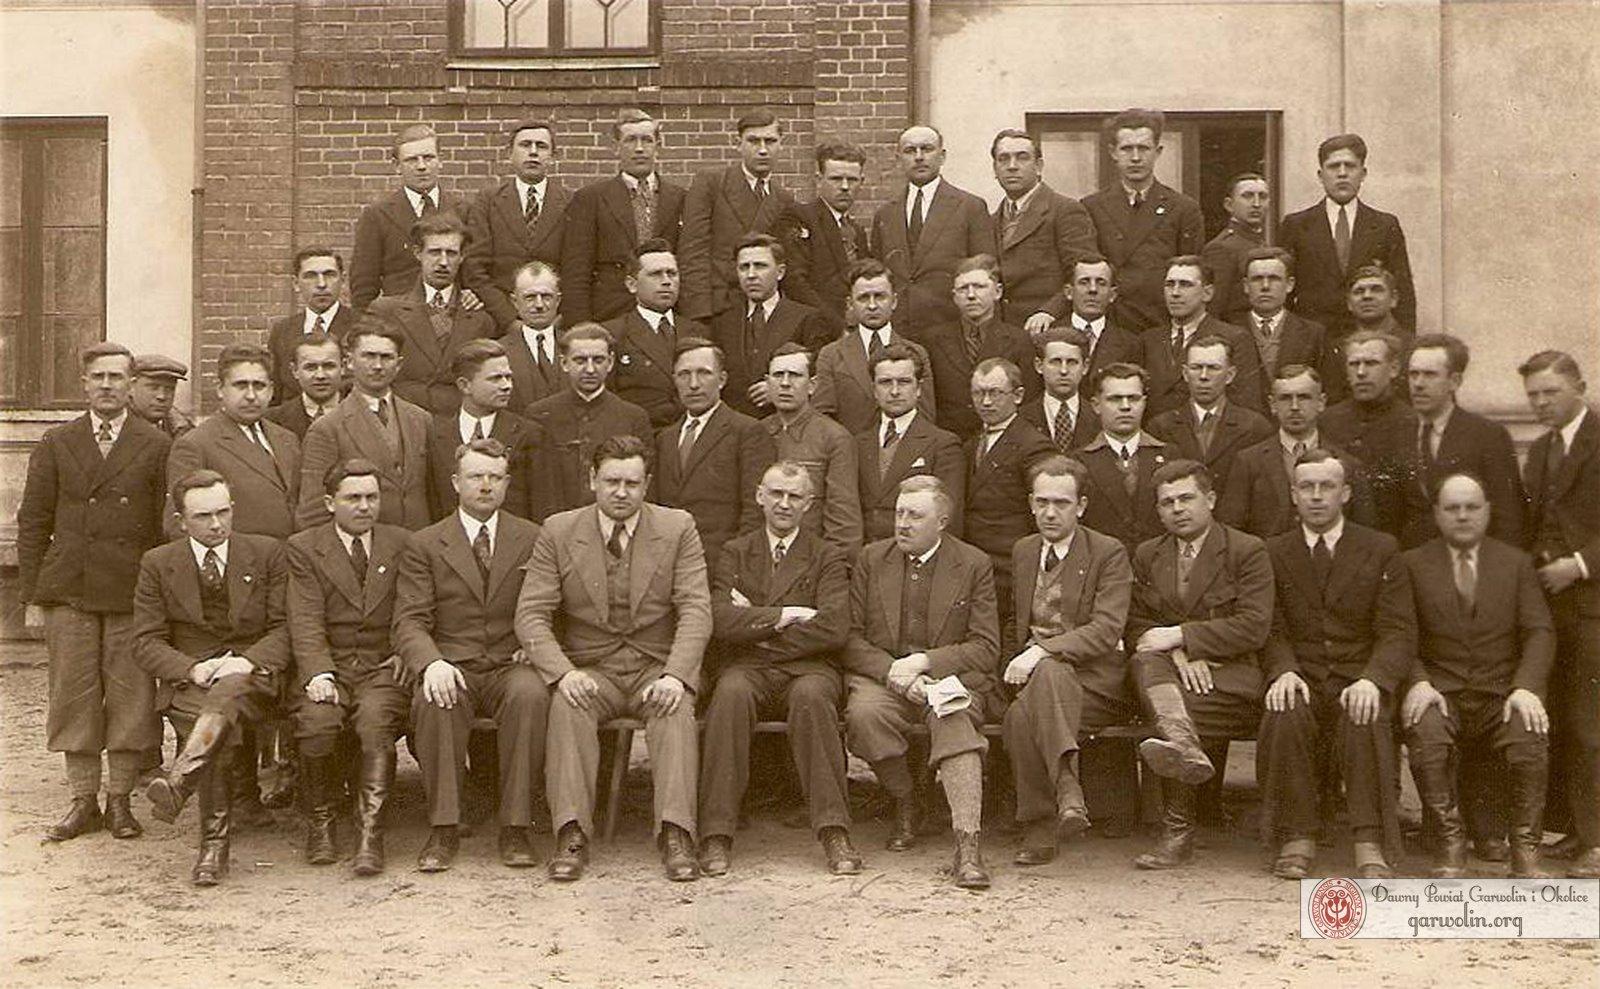 Kurs dozorców drogowych - Sobieszyn 1937 r.